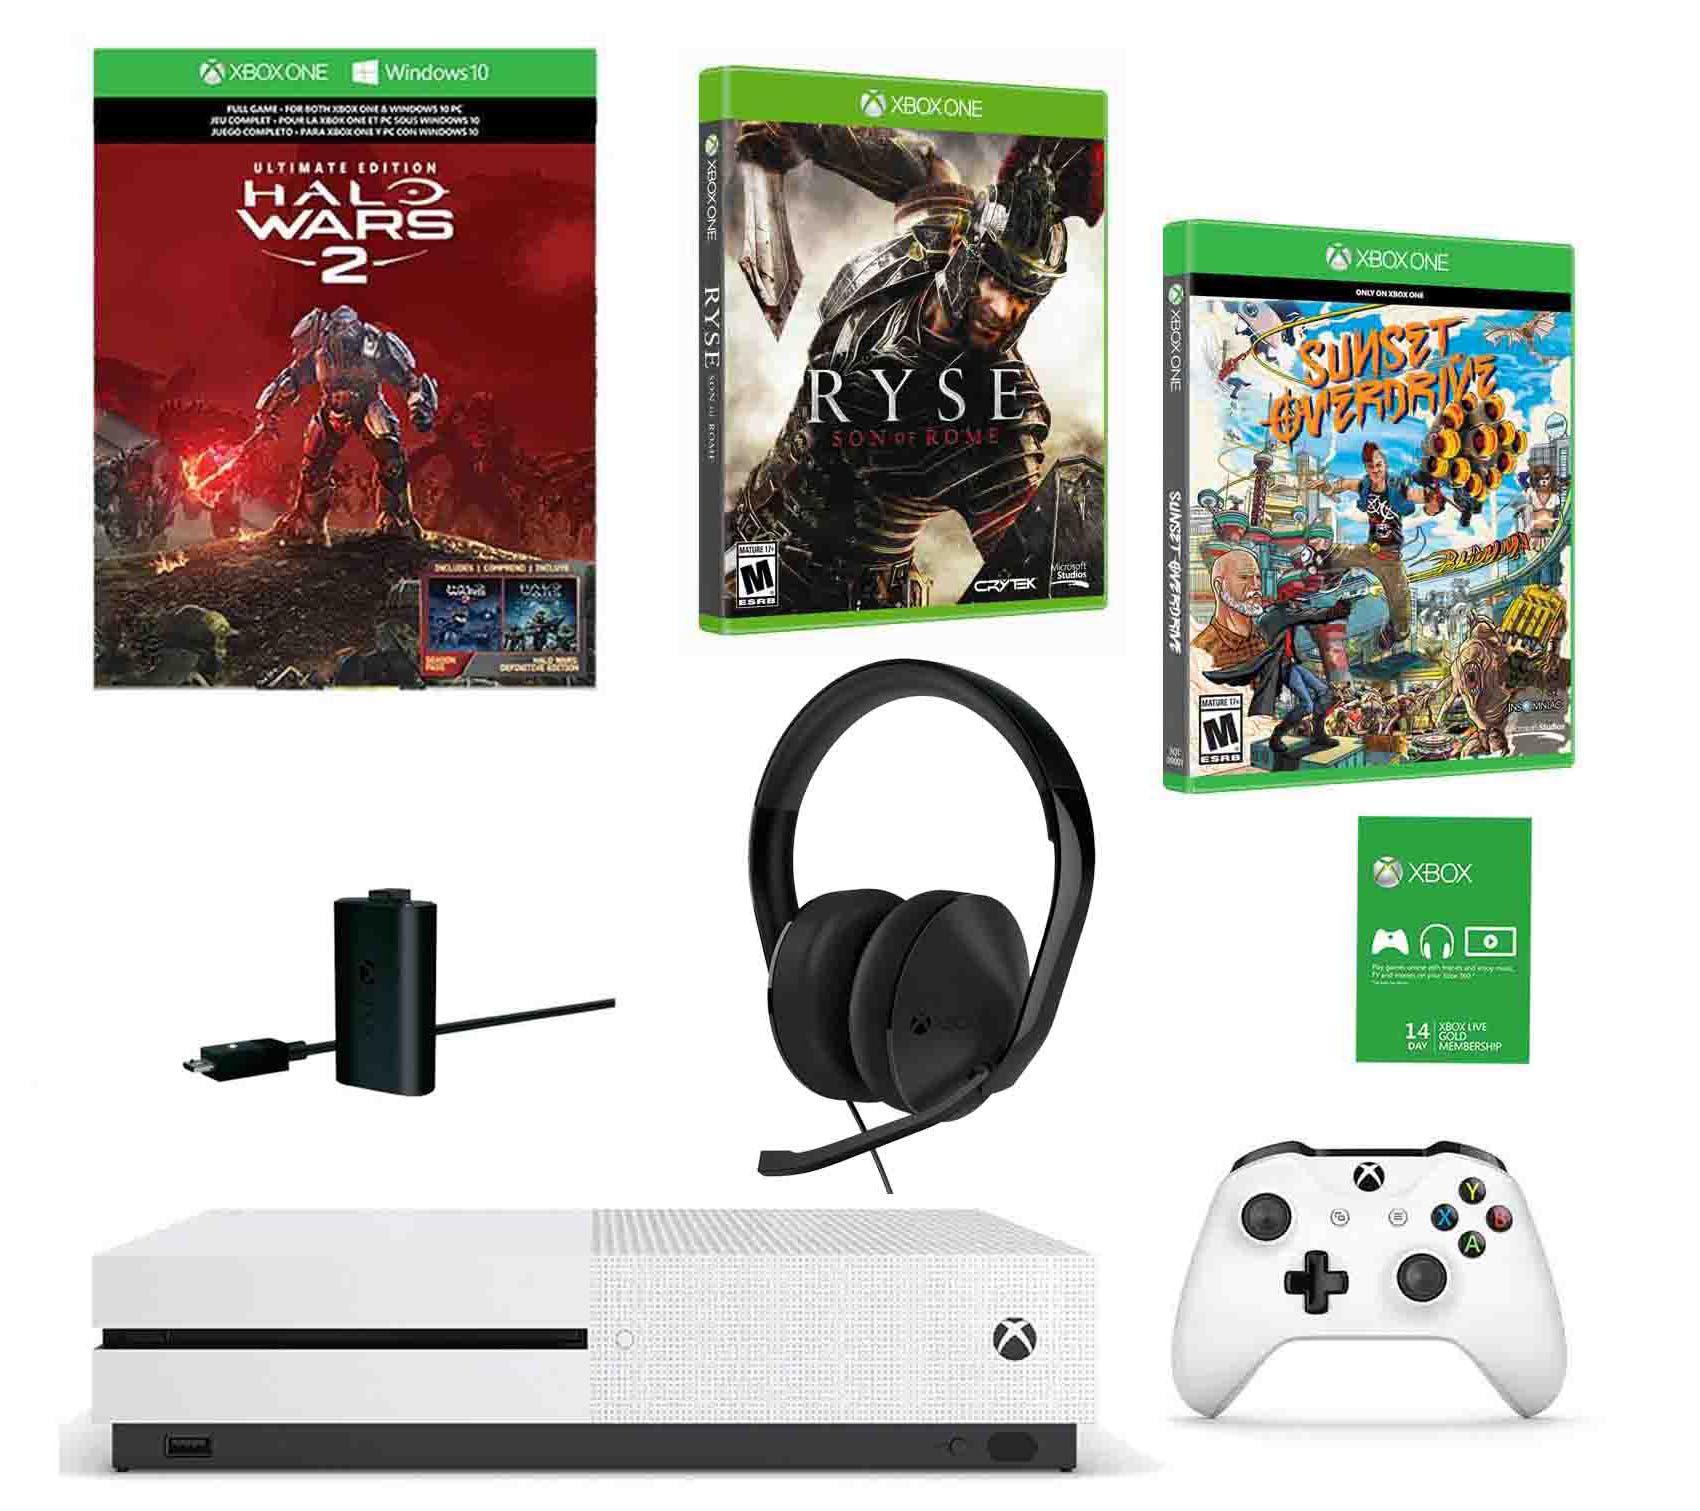 New customer qvc promo code - Microsoft Xbox One S 1tb Halo Wars 2 Console W 2 Games E291869